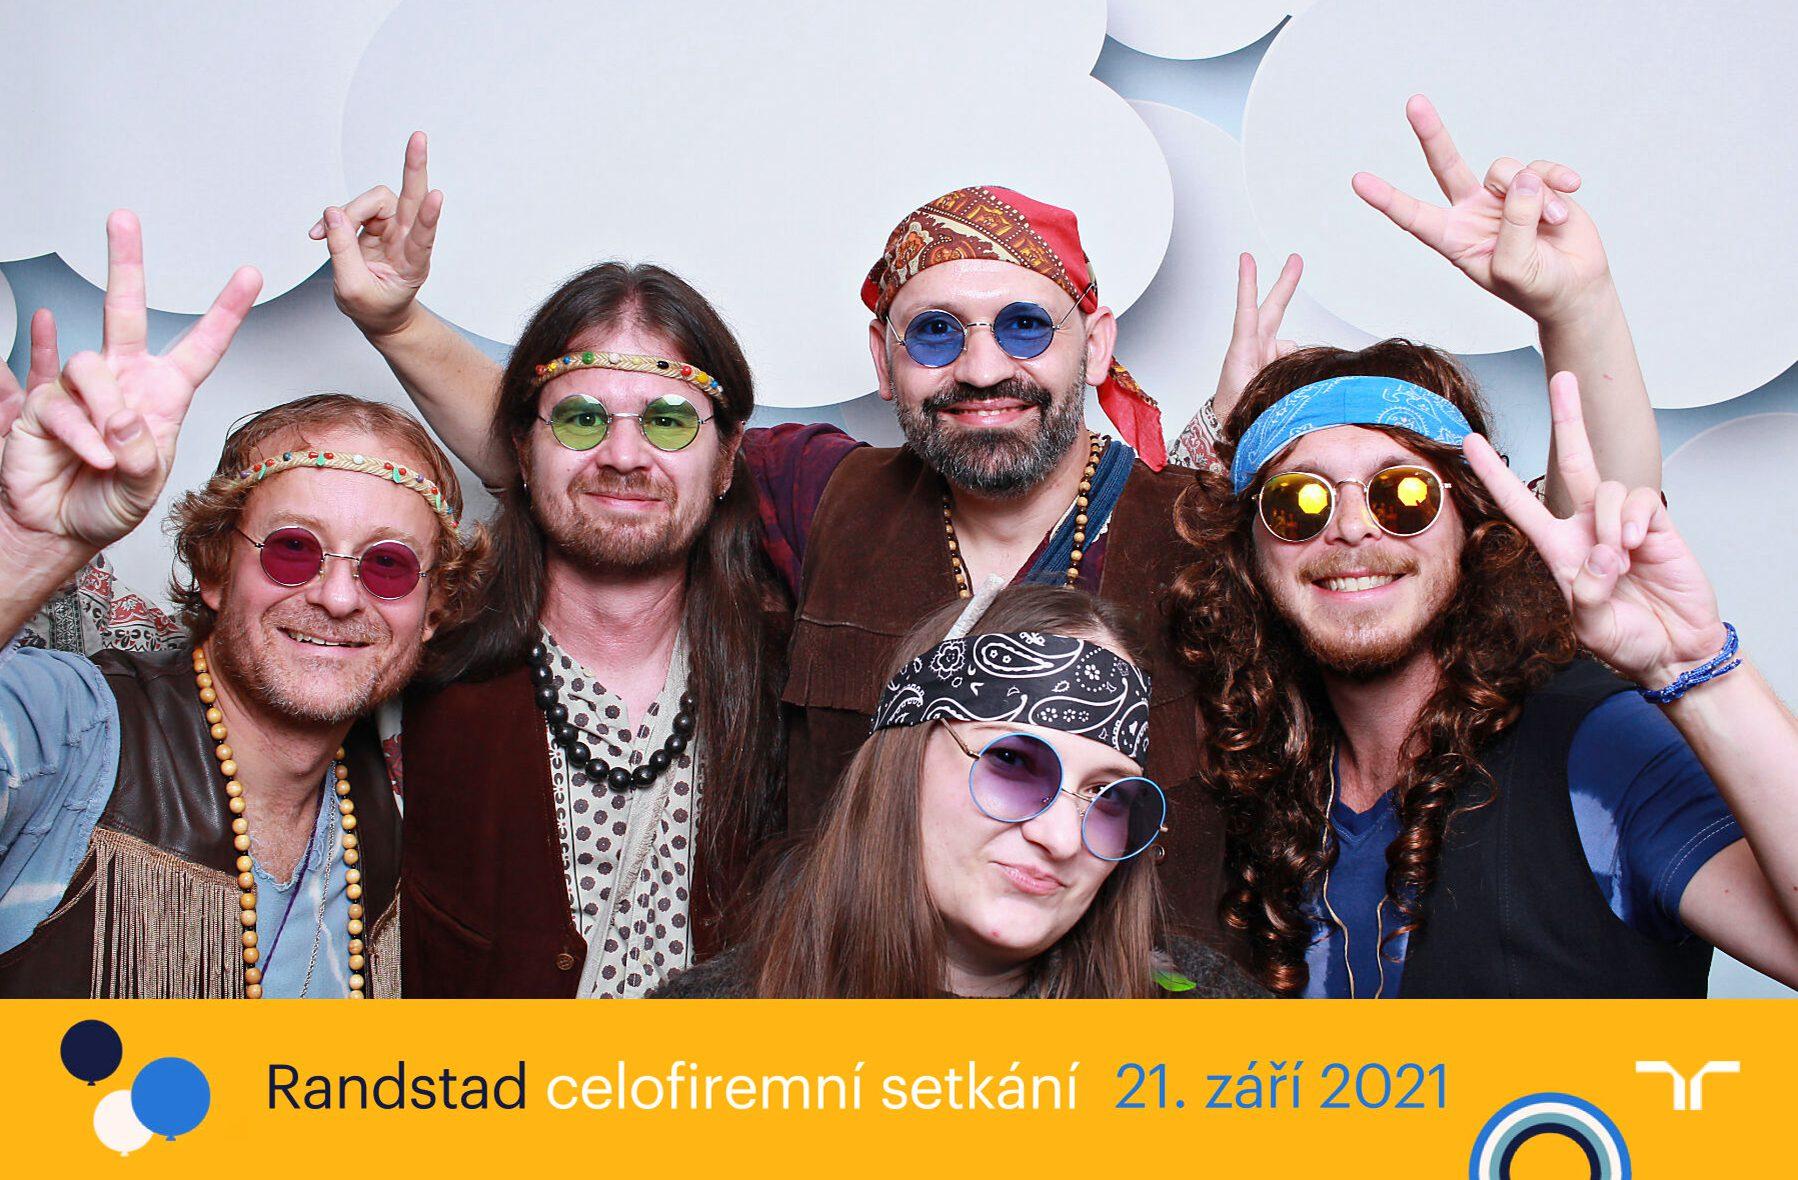 fotokoutek-firemni-vecirek-konference-randstad-21-9-2021-753687